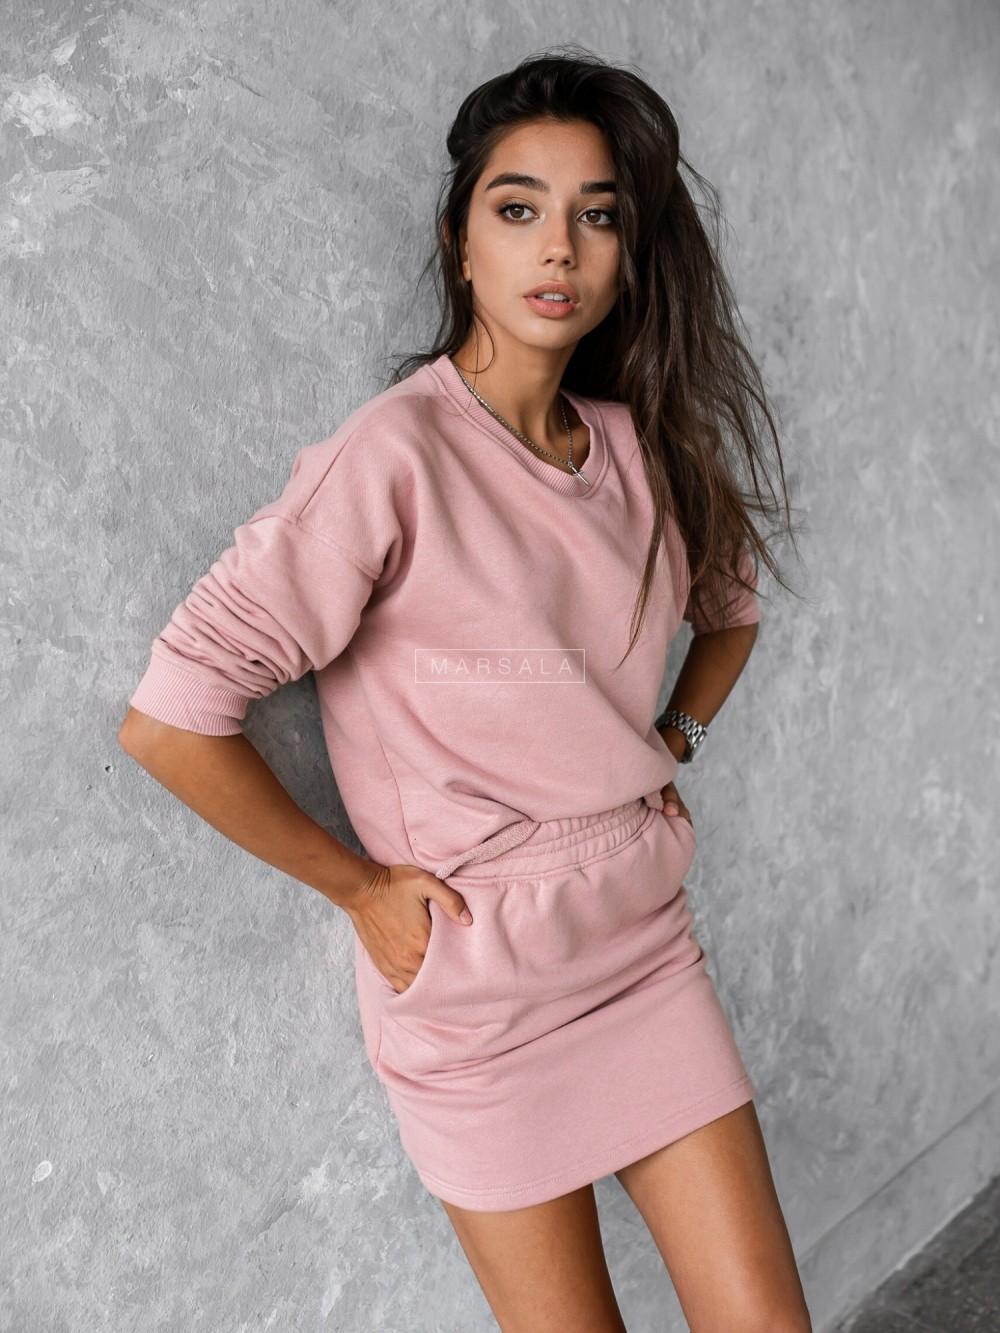 Komplet dresowy ze spódniczką w kolorze pudrowy róż - SENSO by Marsala